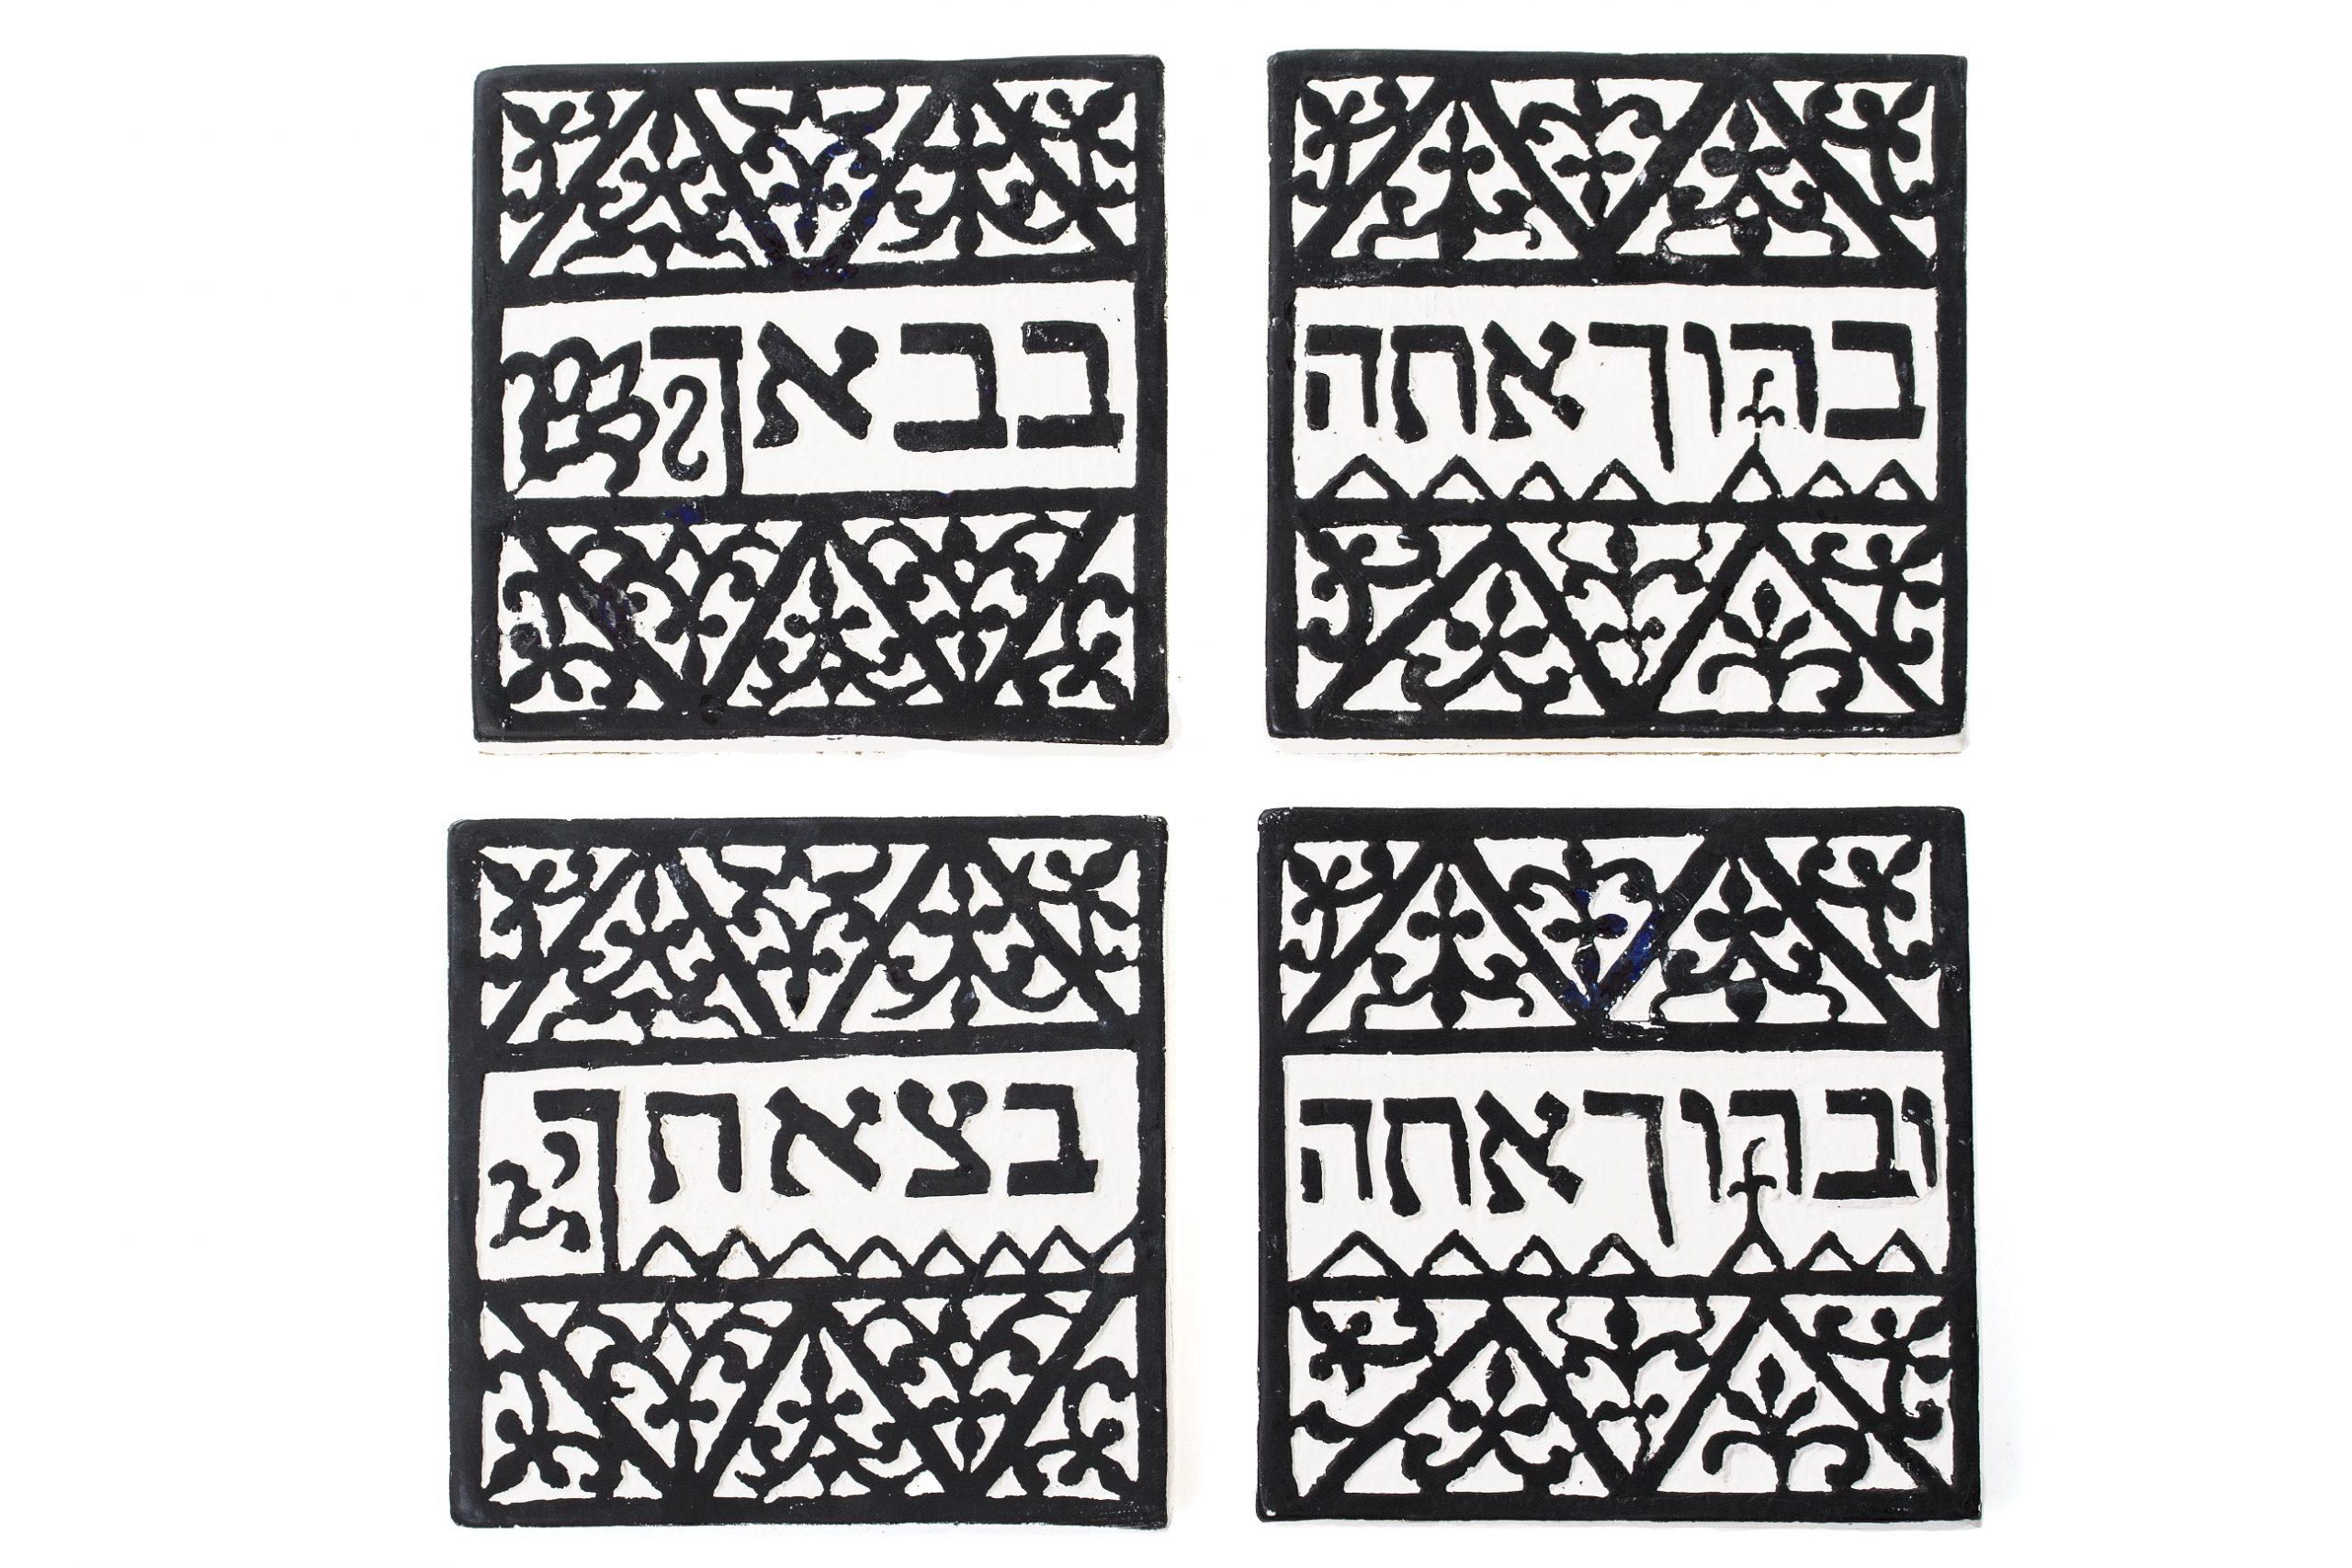 House Blessing Ceramic Tiles (black)